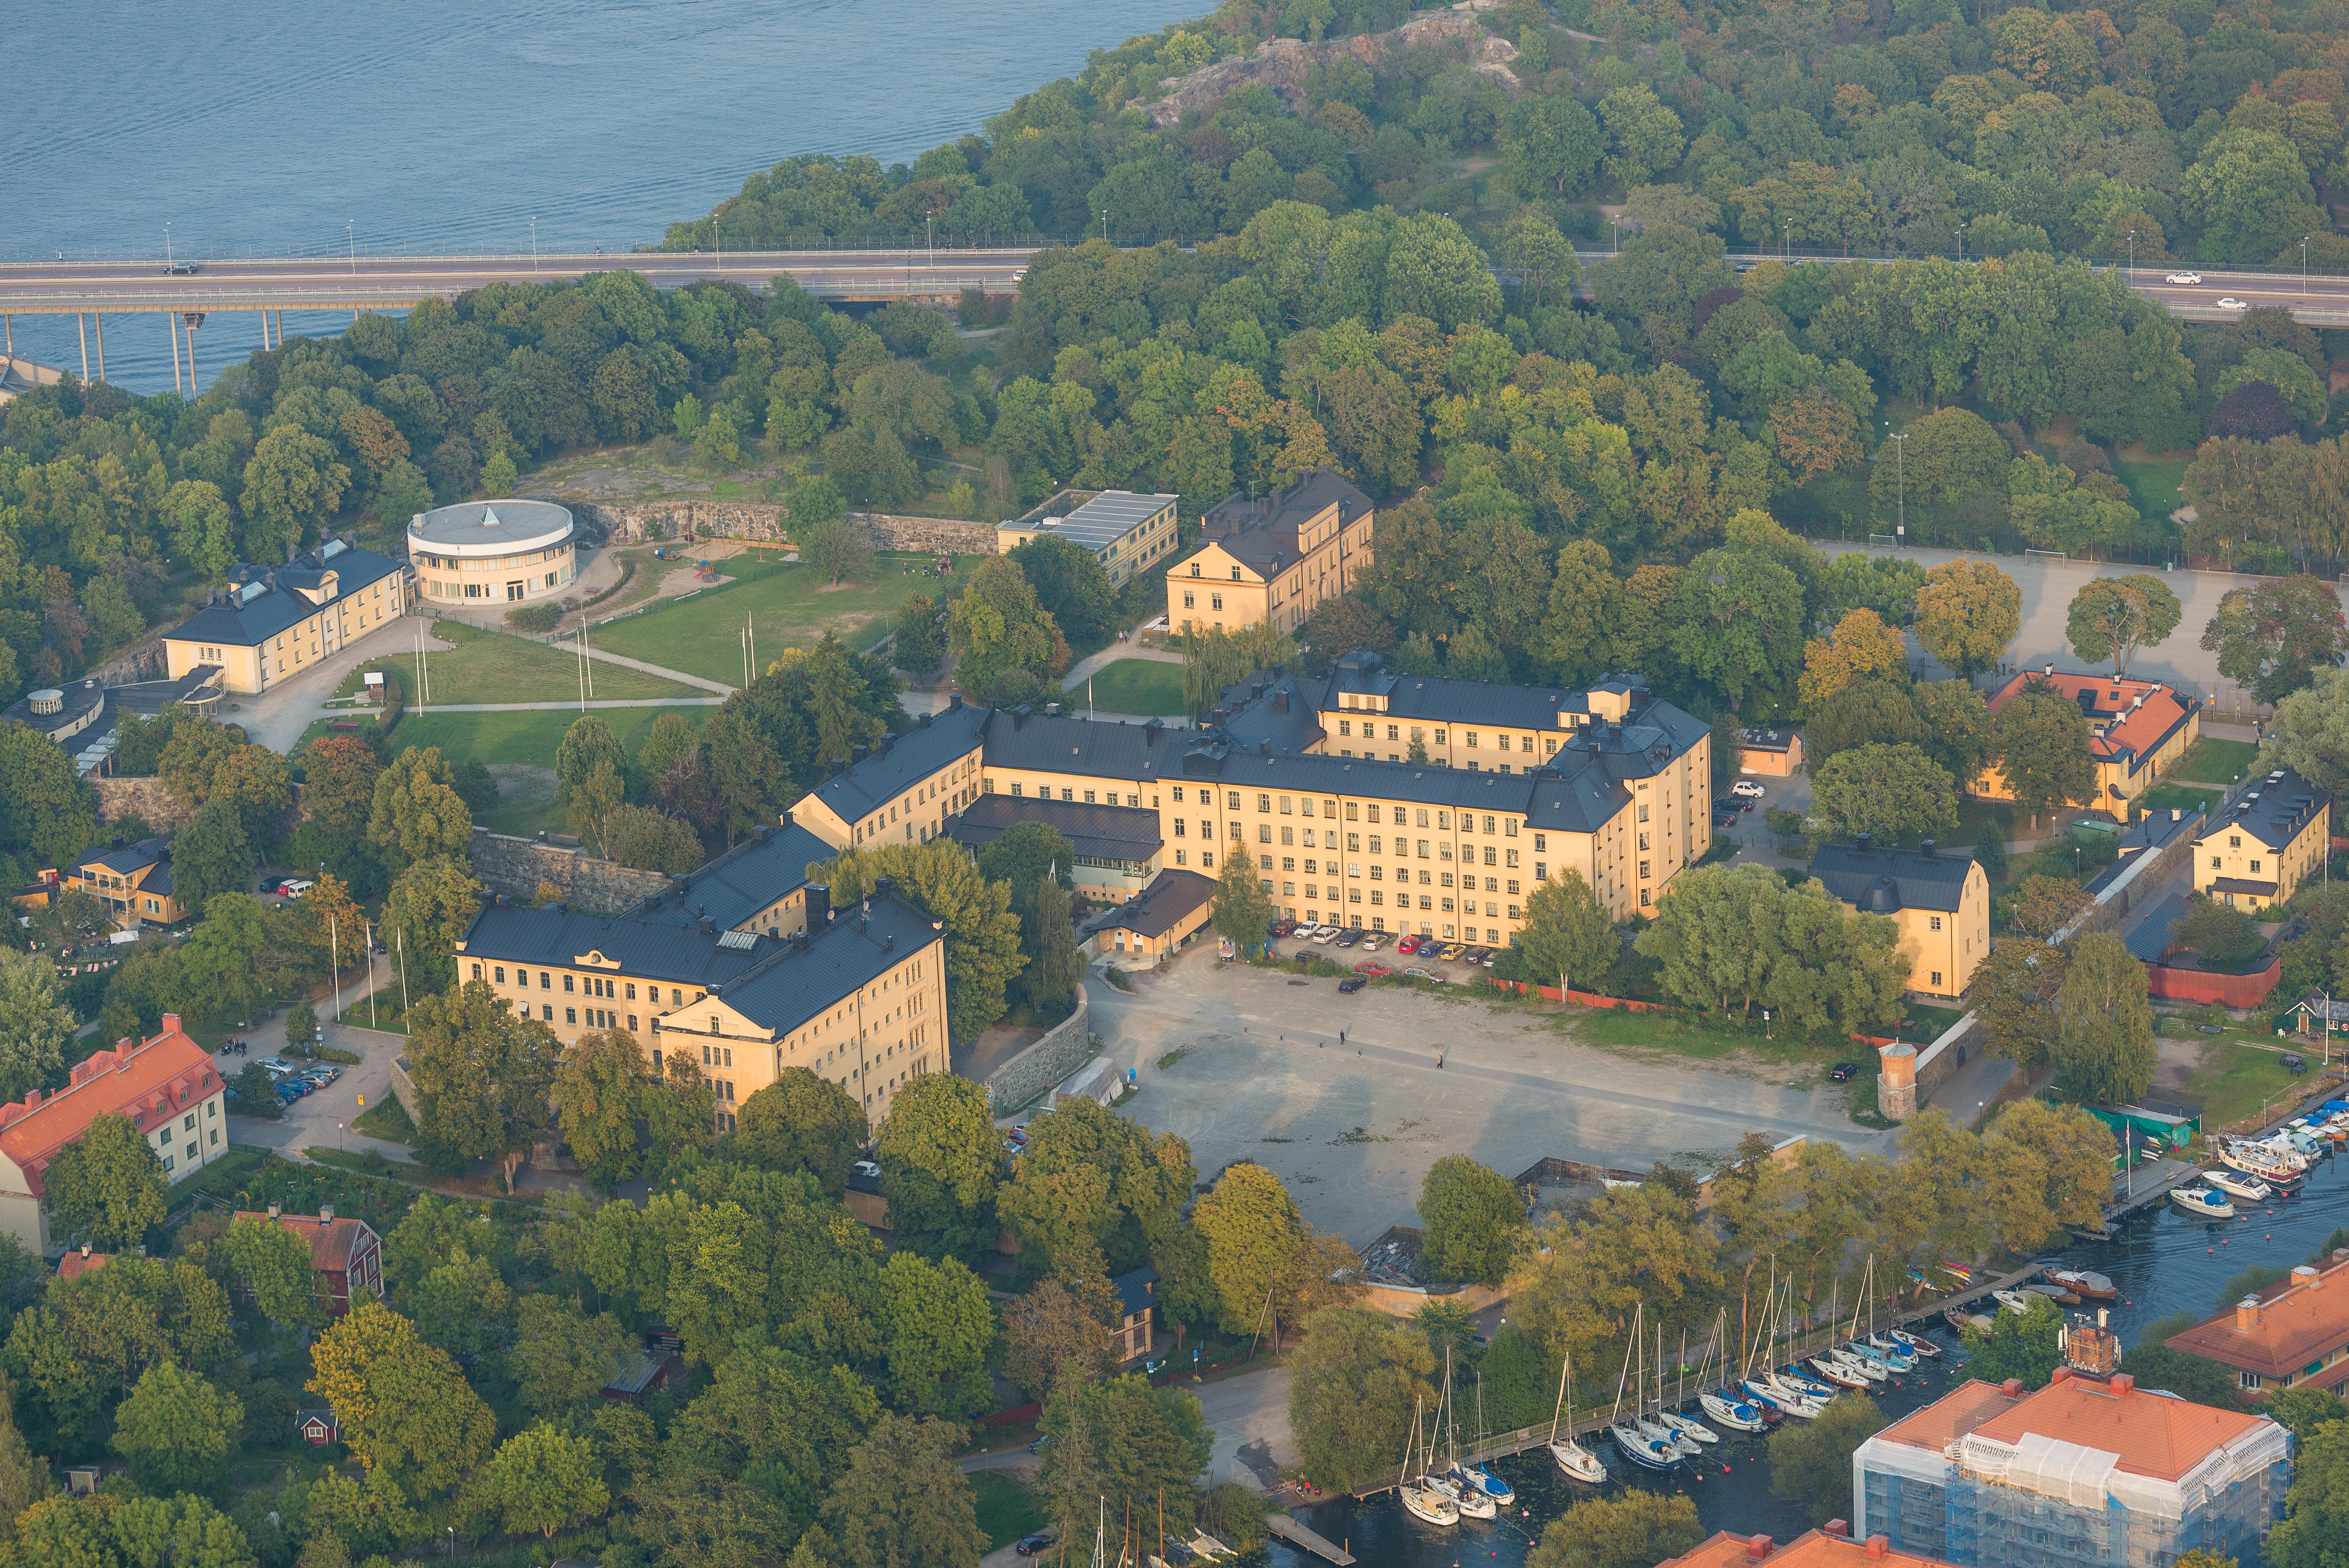 L%C3%A5ngholmens_centralf%C3%A4ngelse_September_2014.jpg